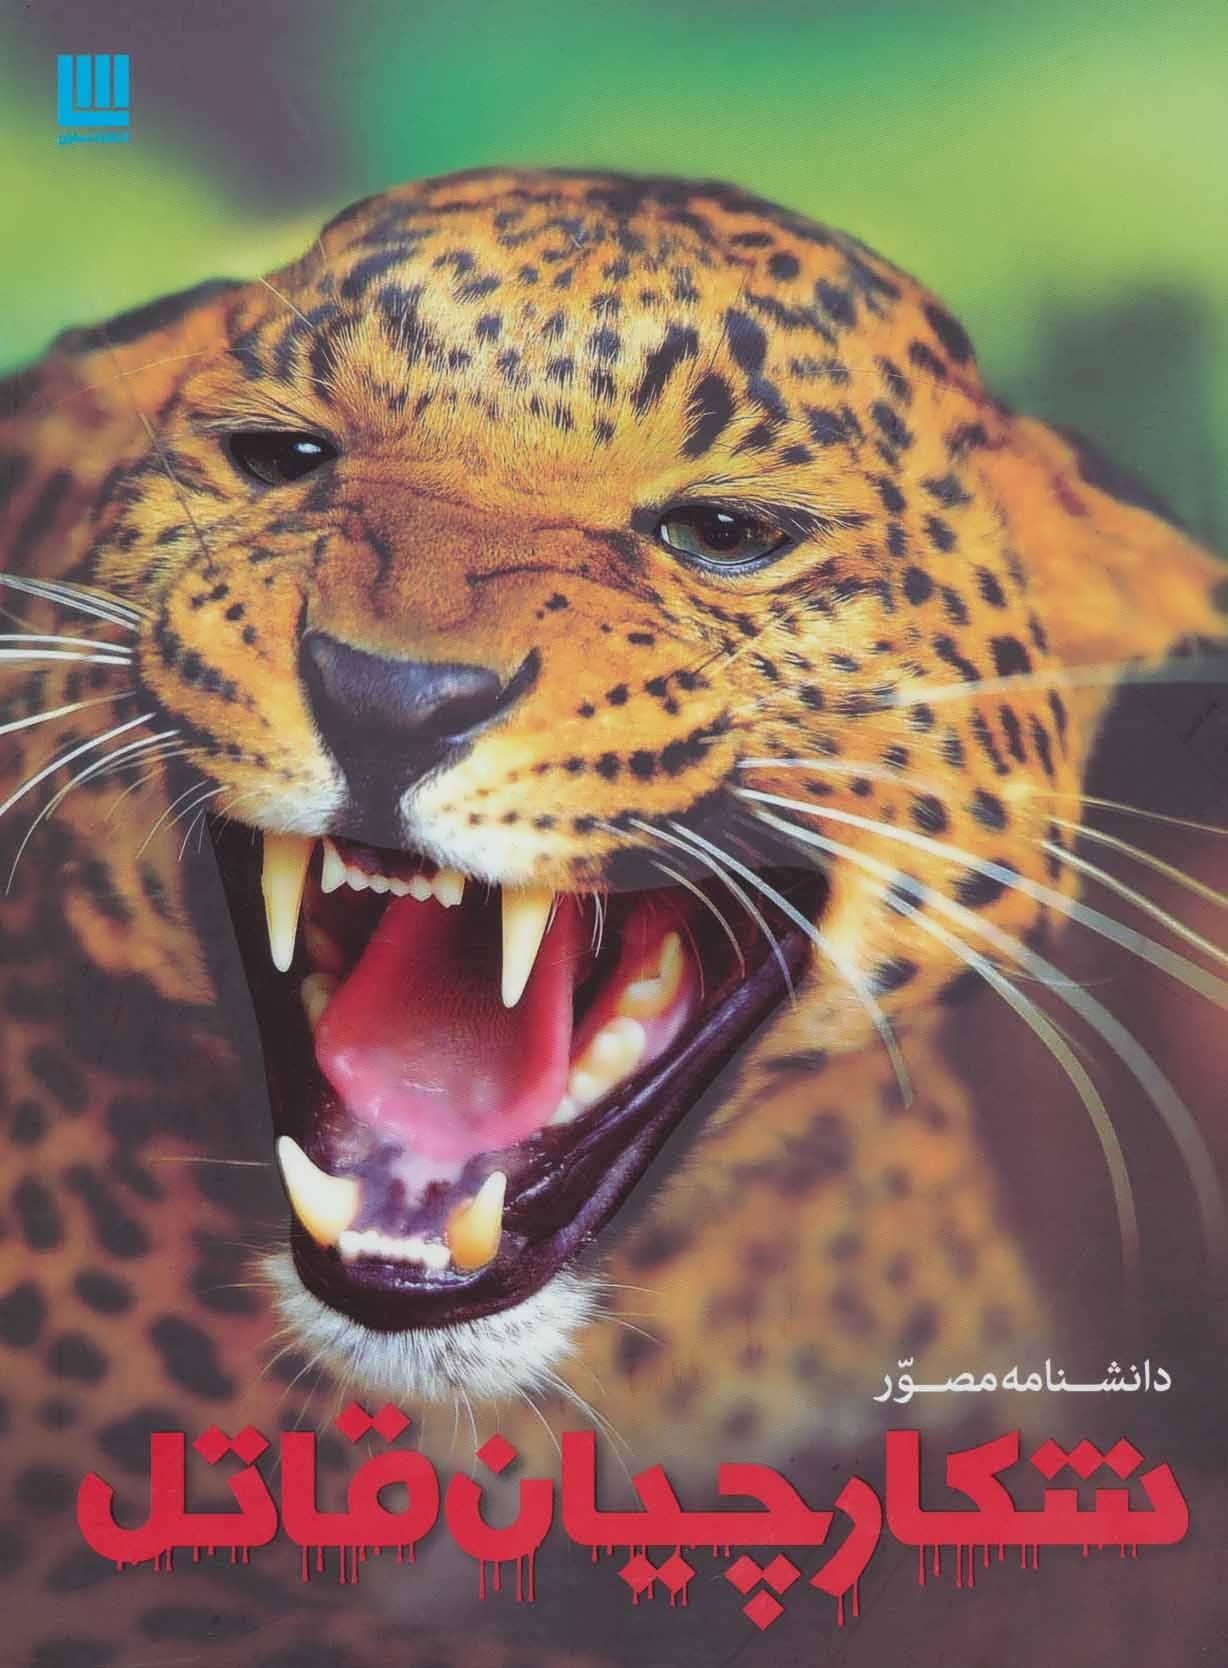 دانشنامه مصور شکارچیان قاتل (گلاسه)